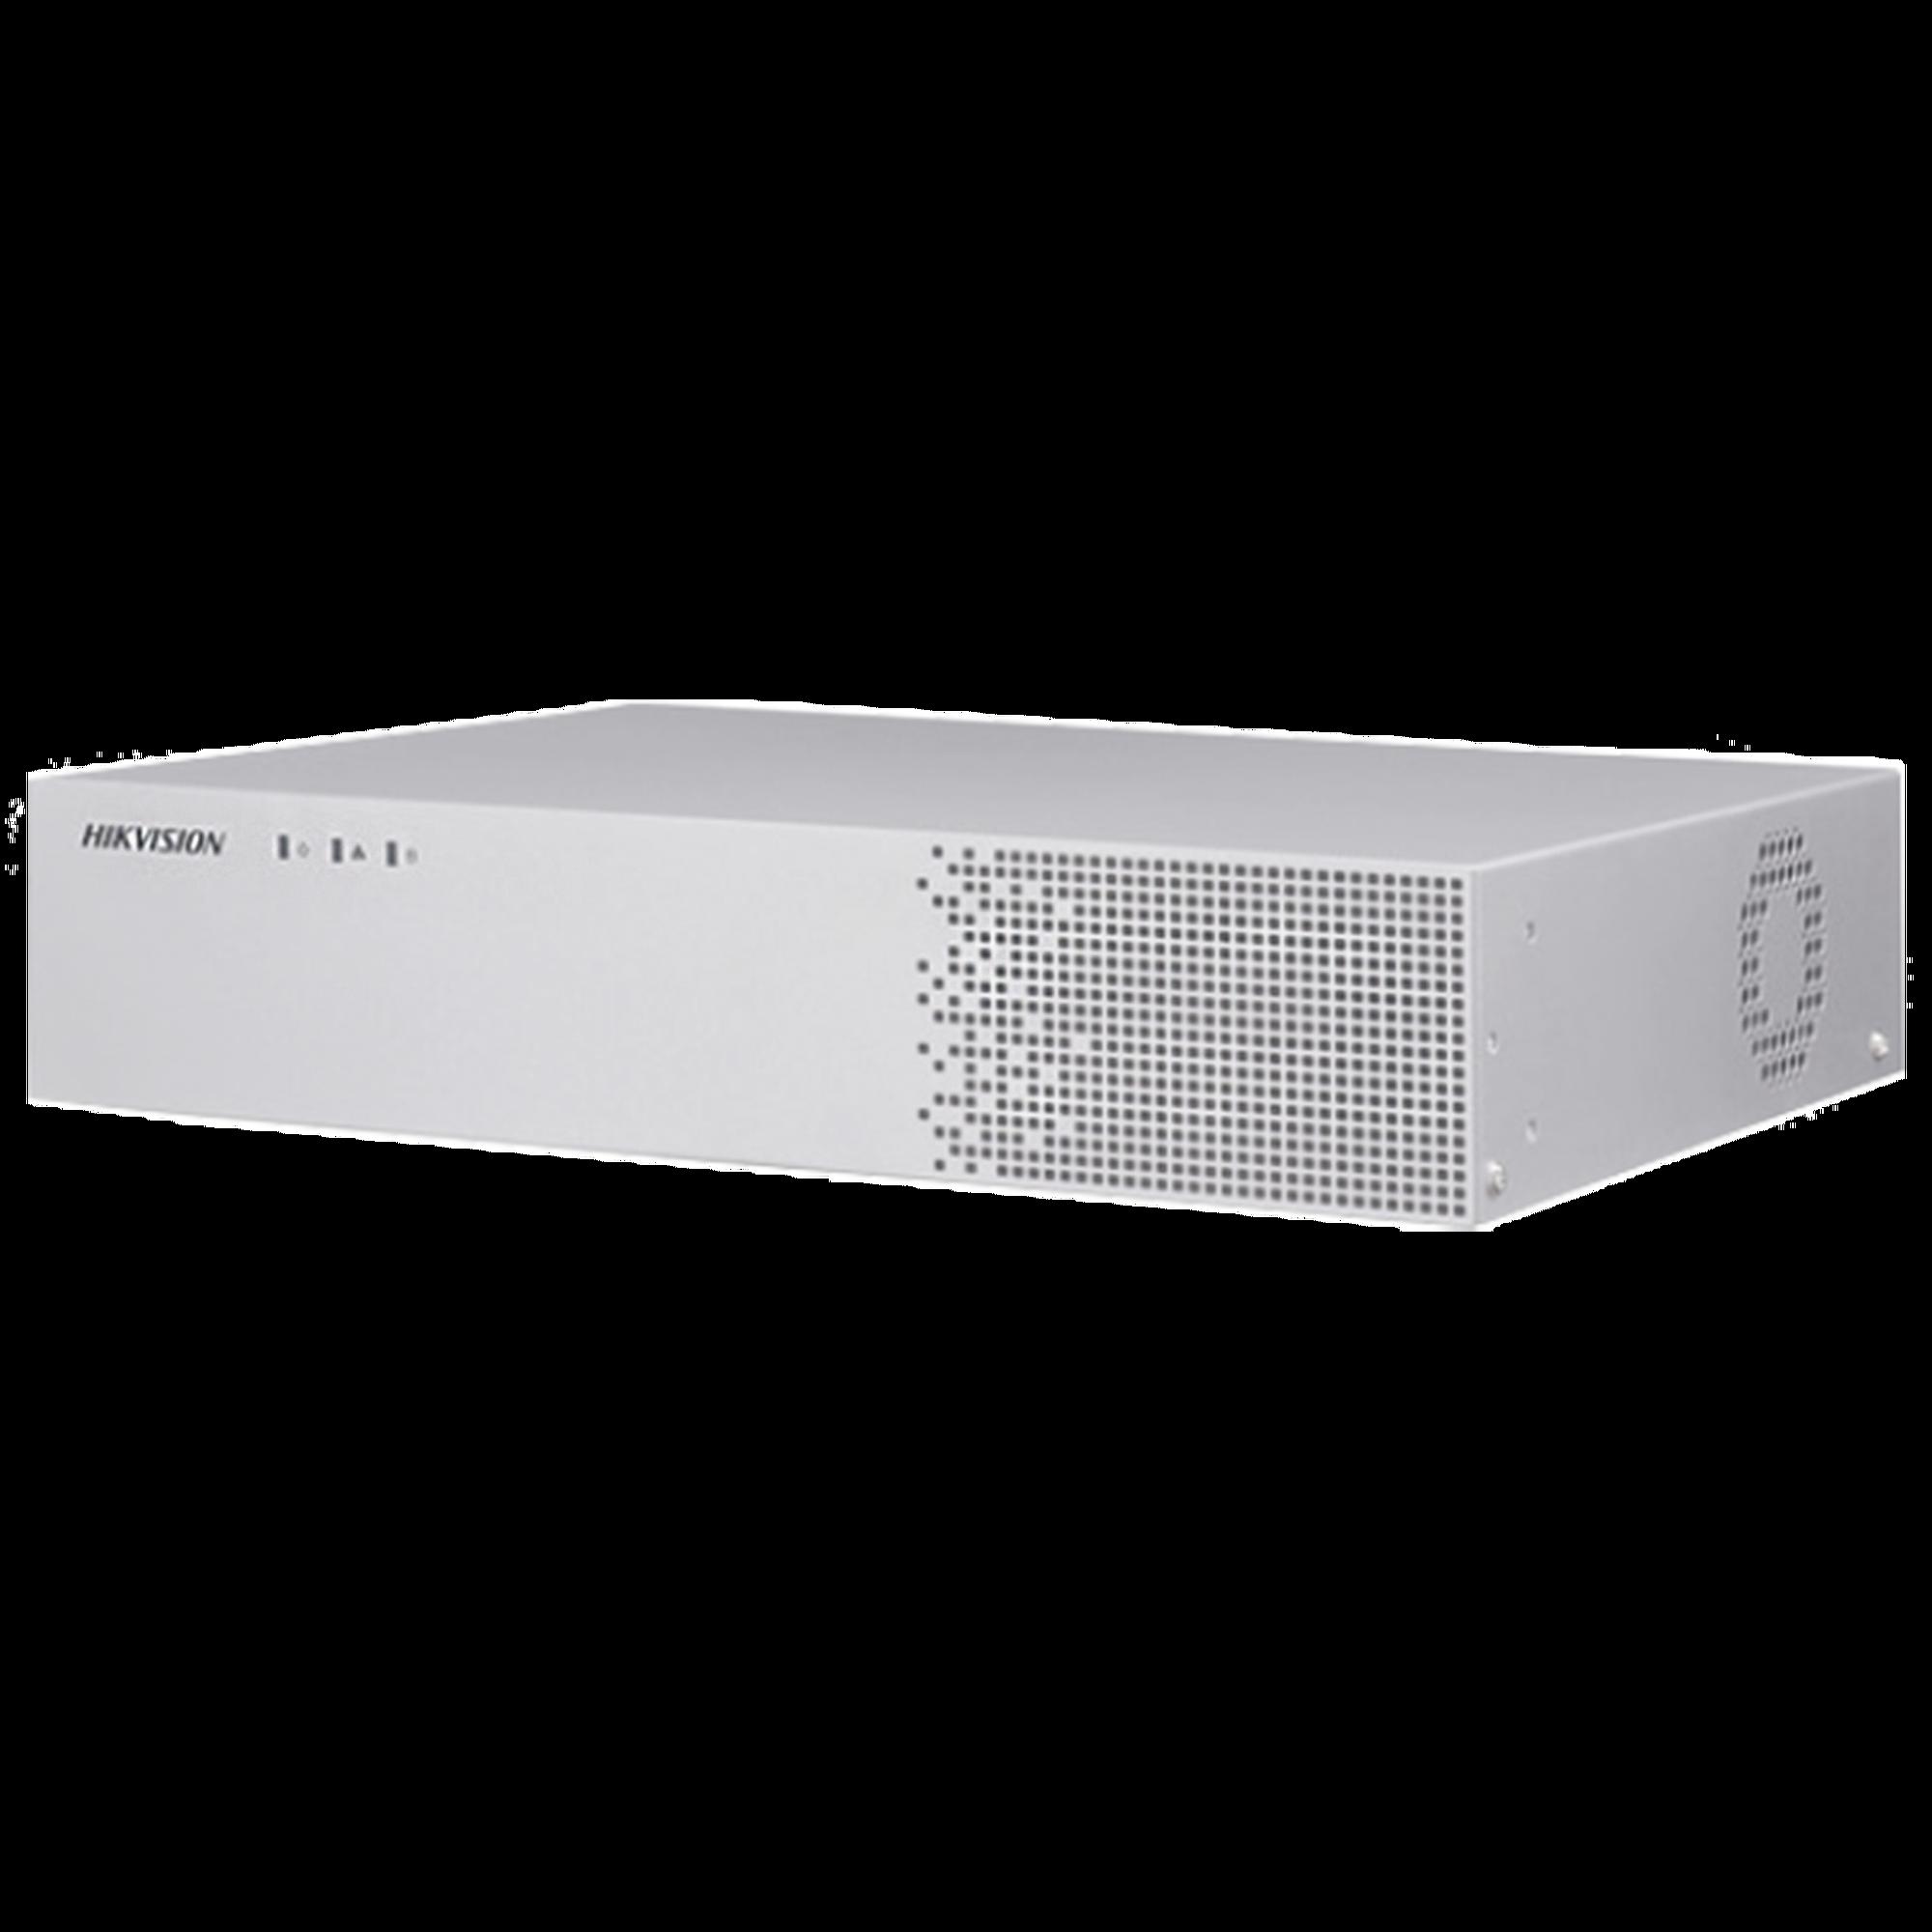 NVR 4 canales con Reconocimiento Facial / Bases de Datos / Hasta 100,000 Fotografías / Incluye 1 HDD de 1 TB